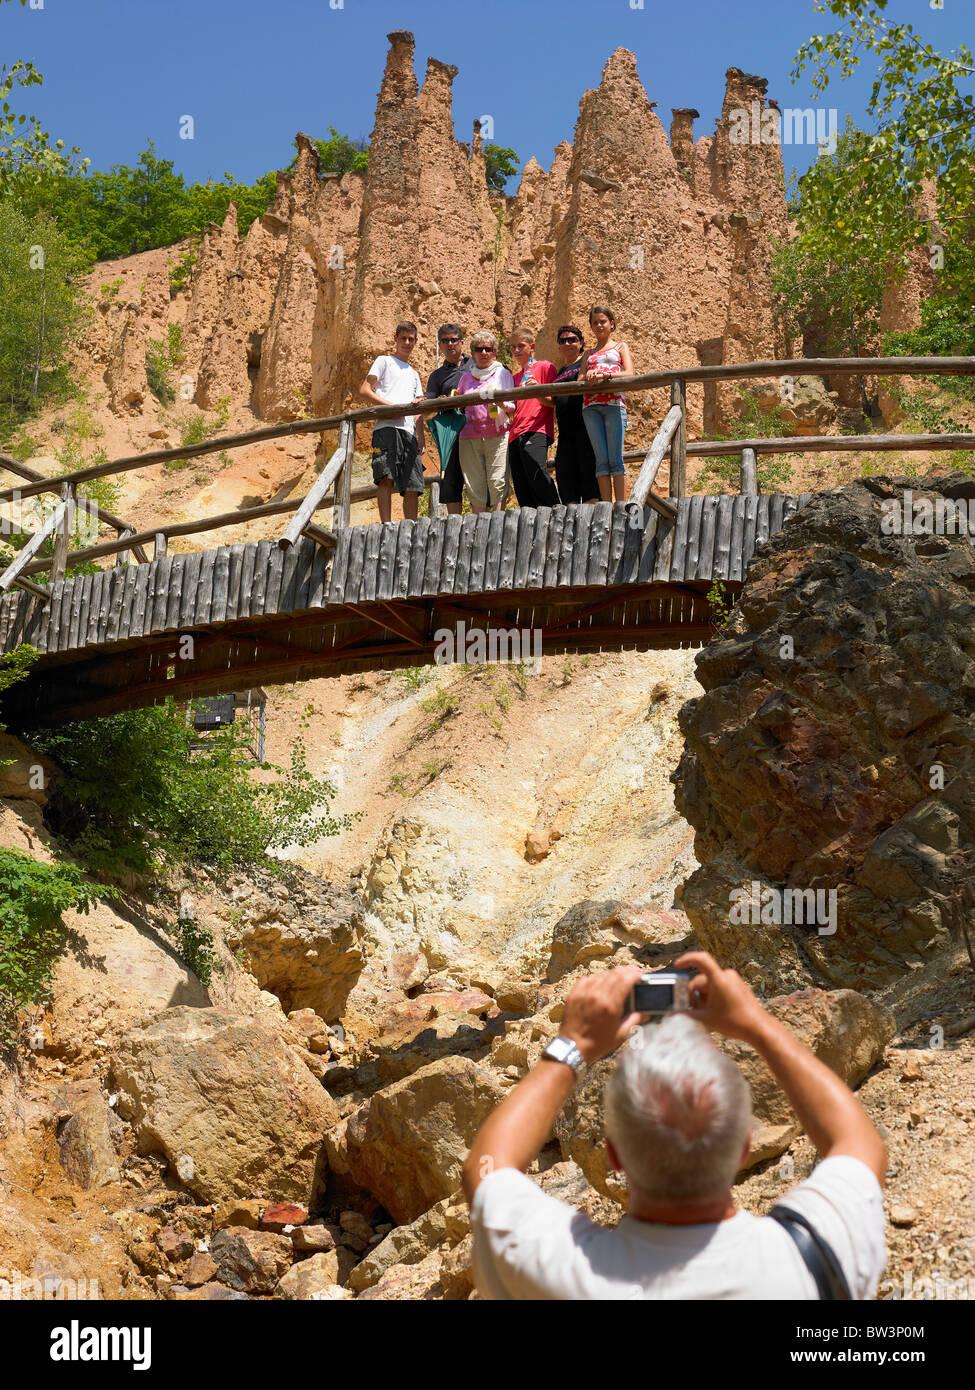 Touristen in der Stadt des Teufels, natürliches Phänomen In Serbien Stockbild